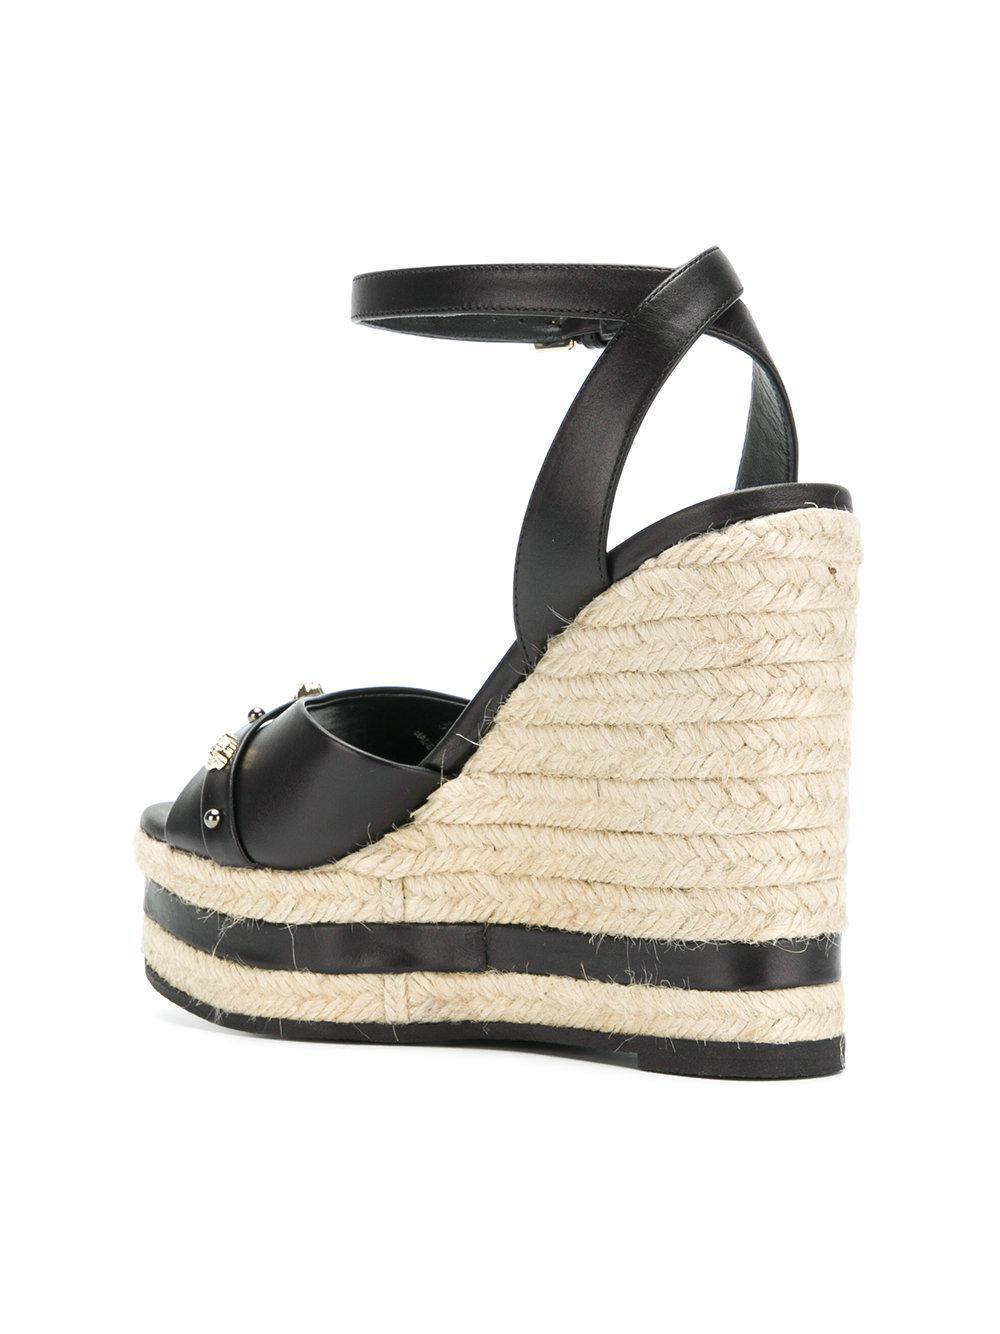 Versace En Compensées Black Coloris Sandales Medusa NOyv8m0wn